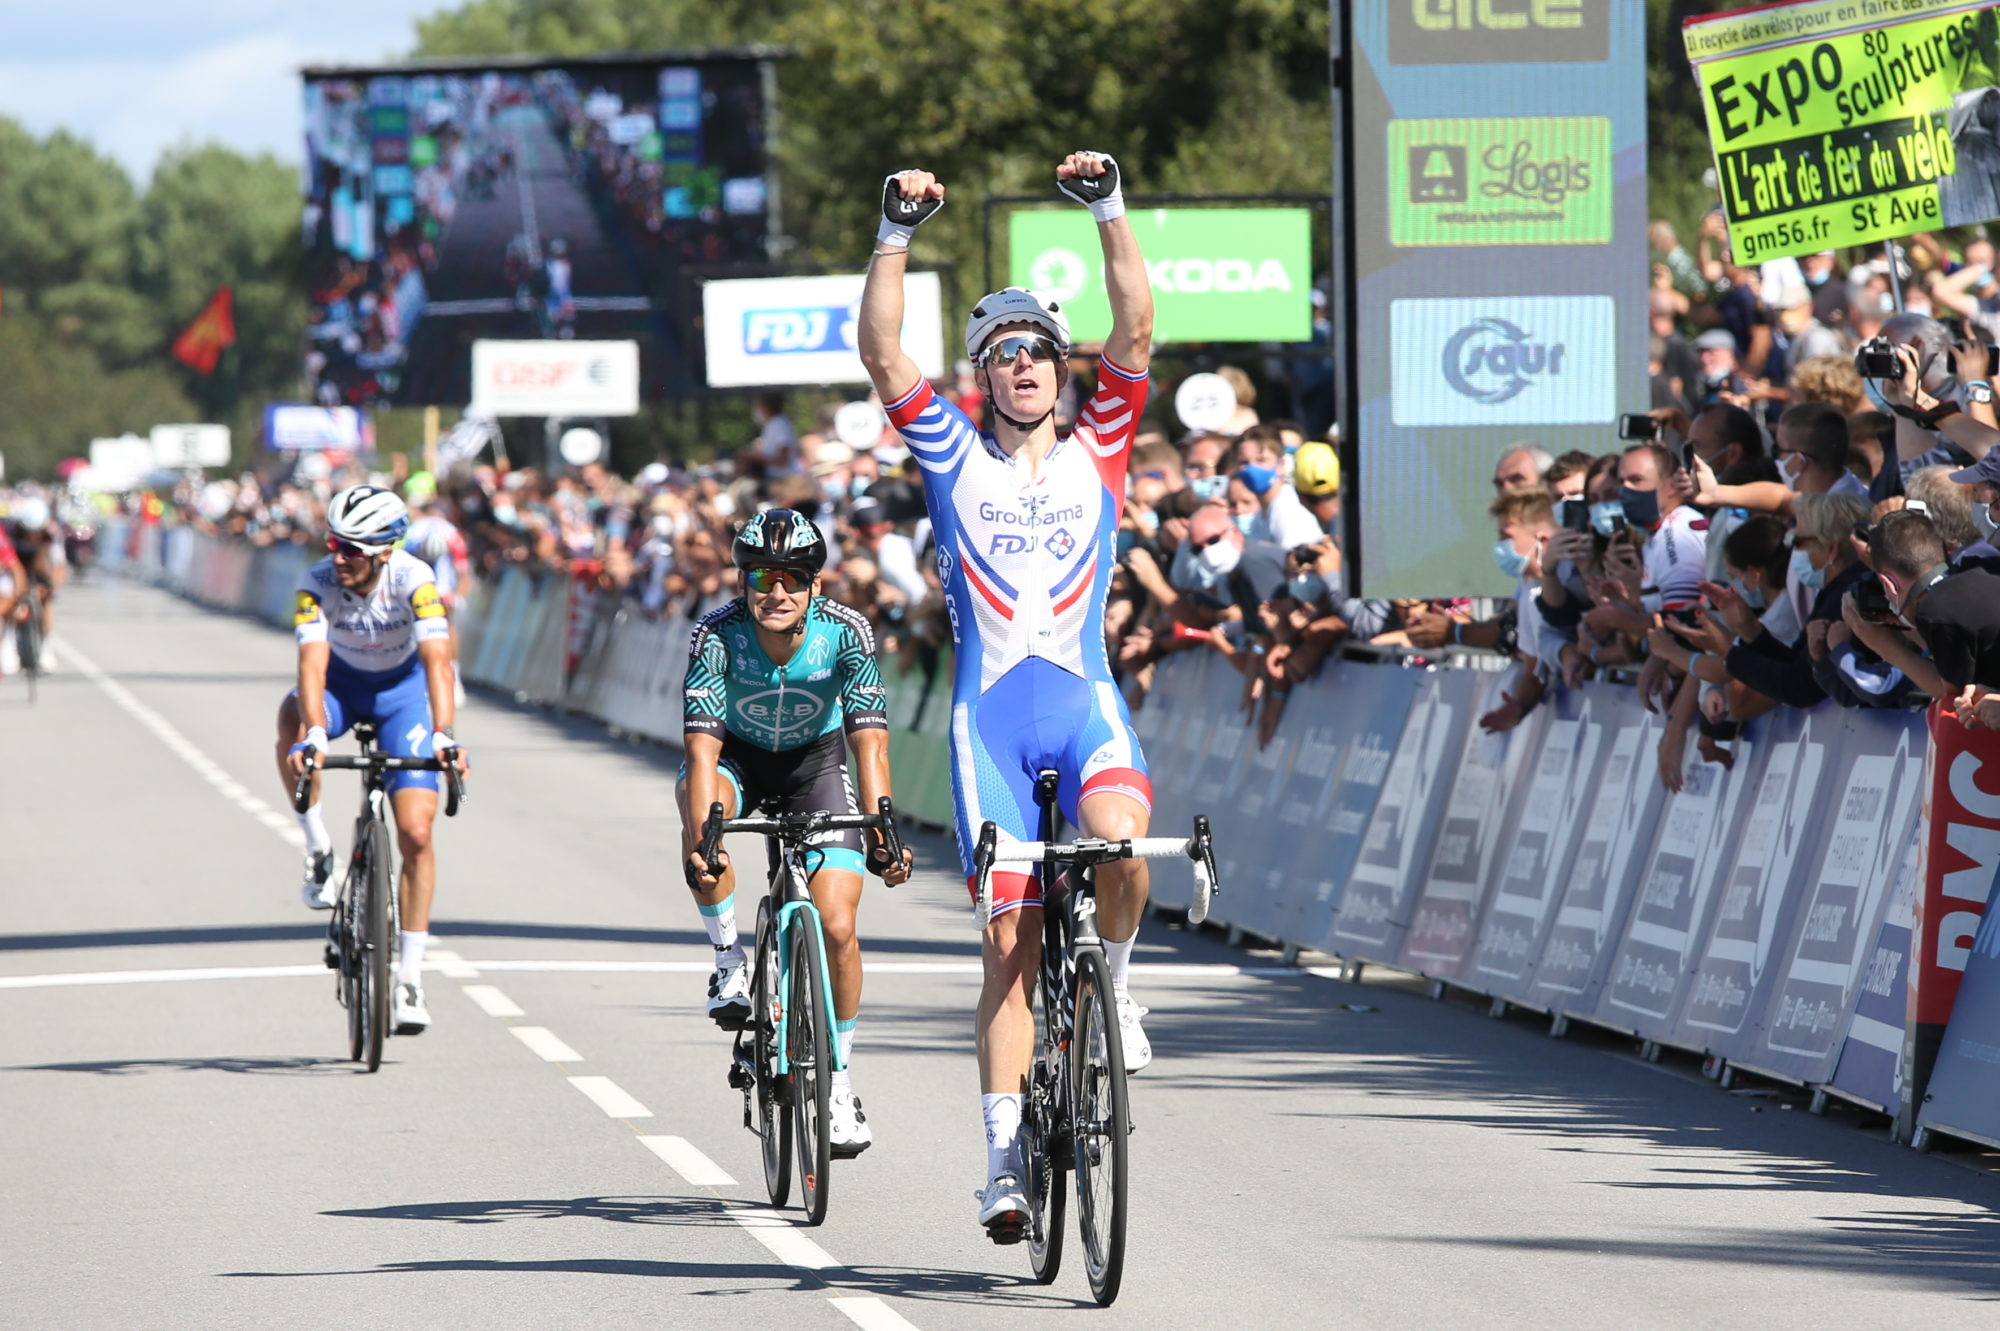 Championnats de France de cyclisme sur route 2021 : les parcours validés